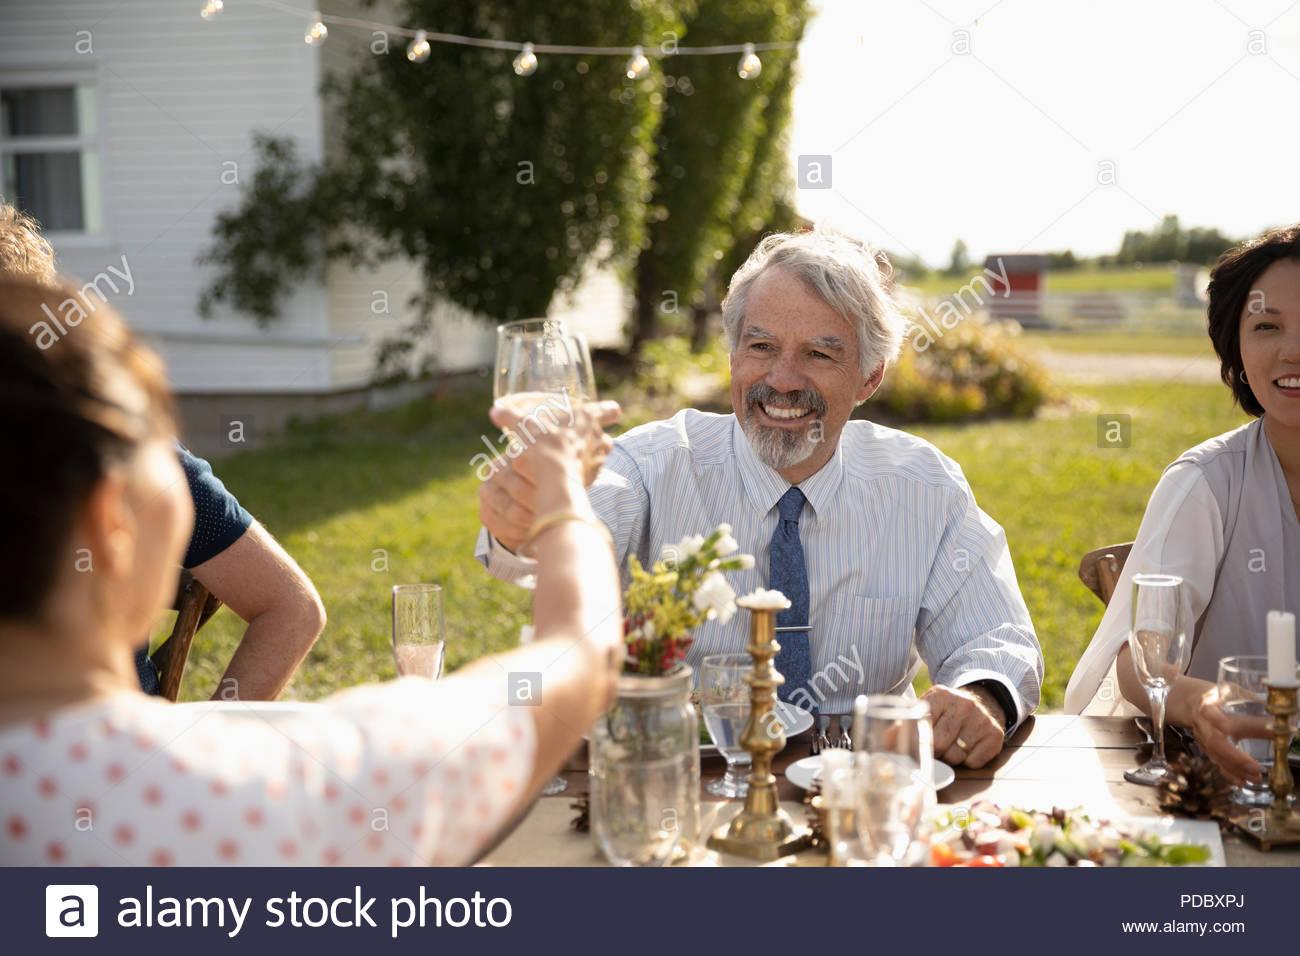 Hombre y mujer celebrando, copas de vino tostado en el Sunny garden party almuerzo Imagen De Stock